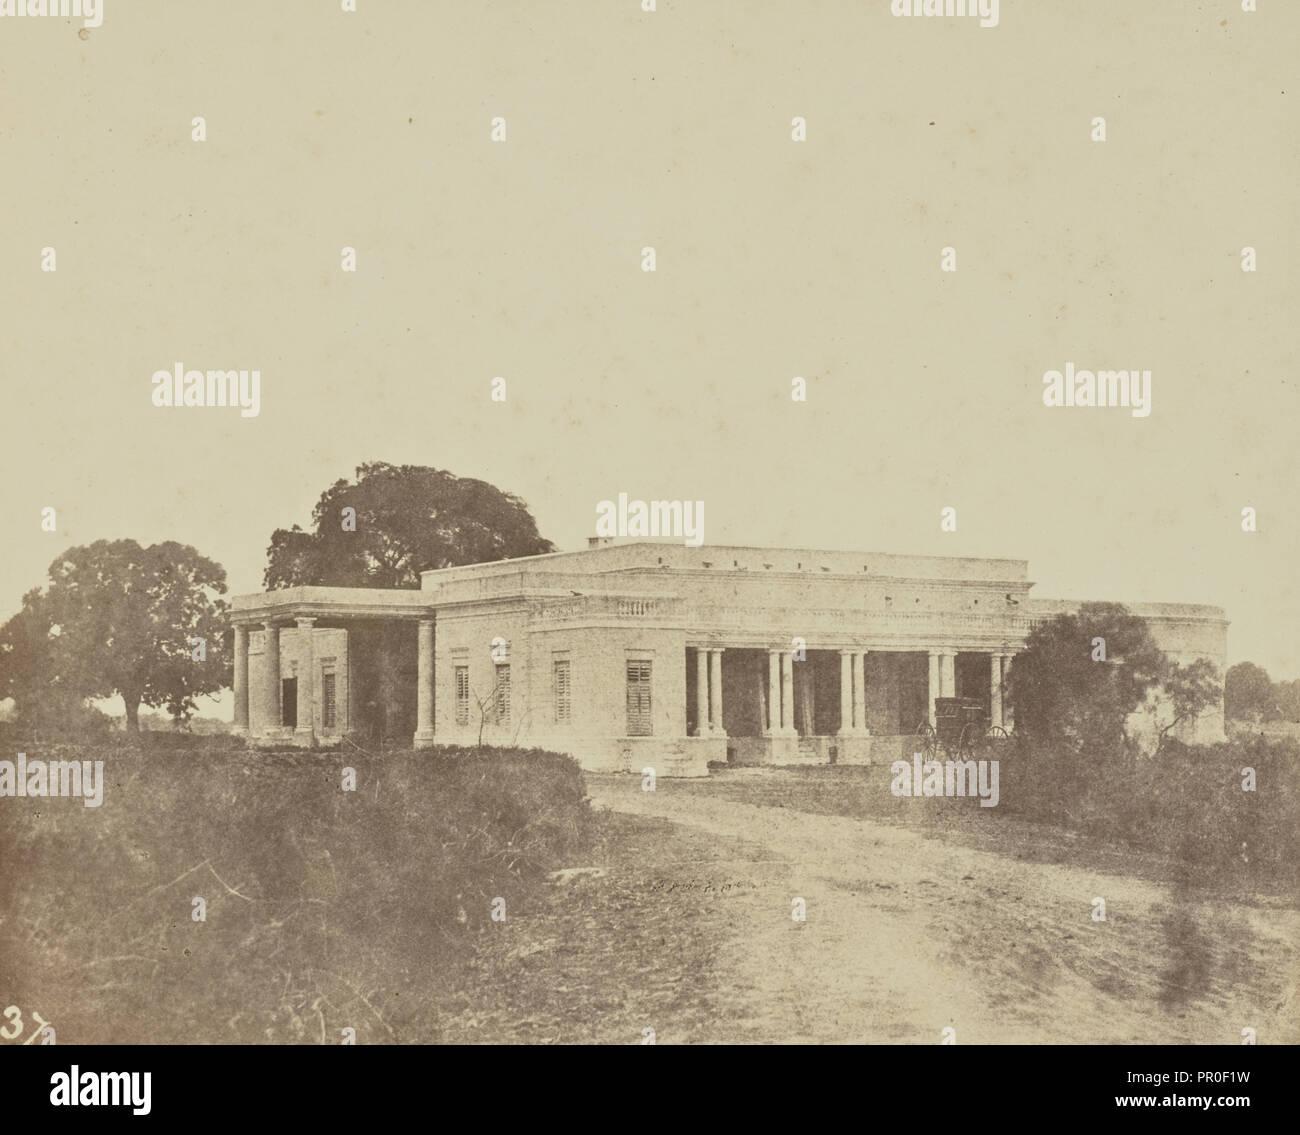 Bénarès, hotel anglais, Spécimen du abitare italienne au Bengale; il barone Alexis de La Grange, francese, 1825 - 1917, Francia Immagini Stock